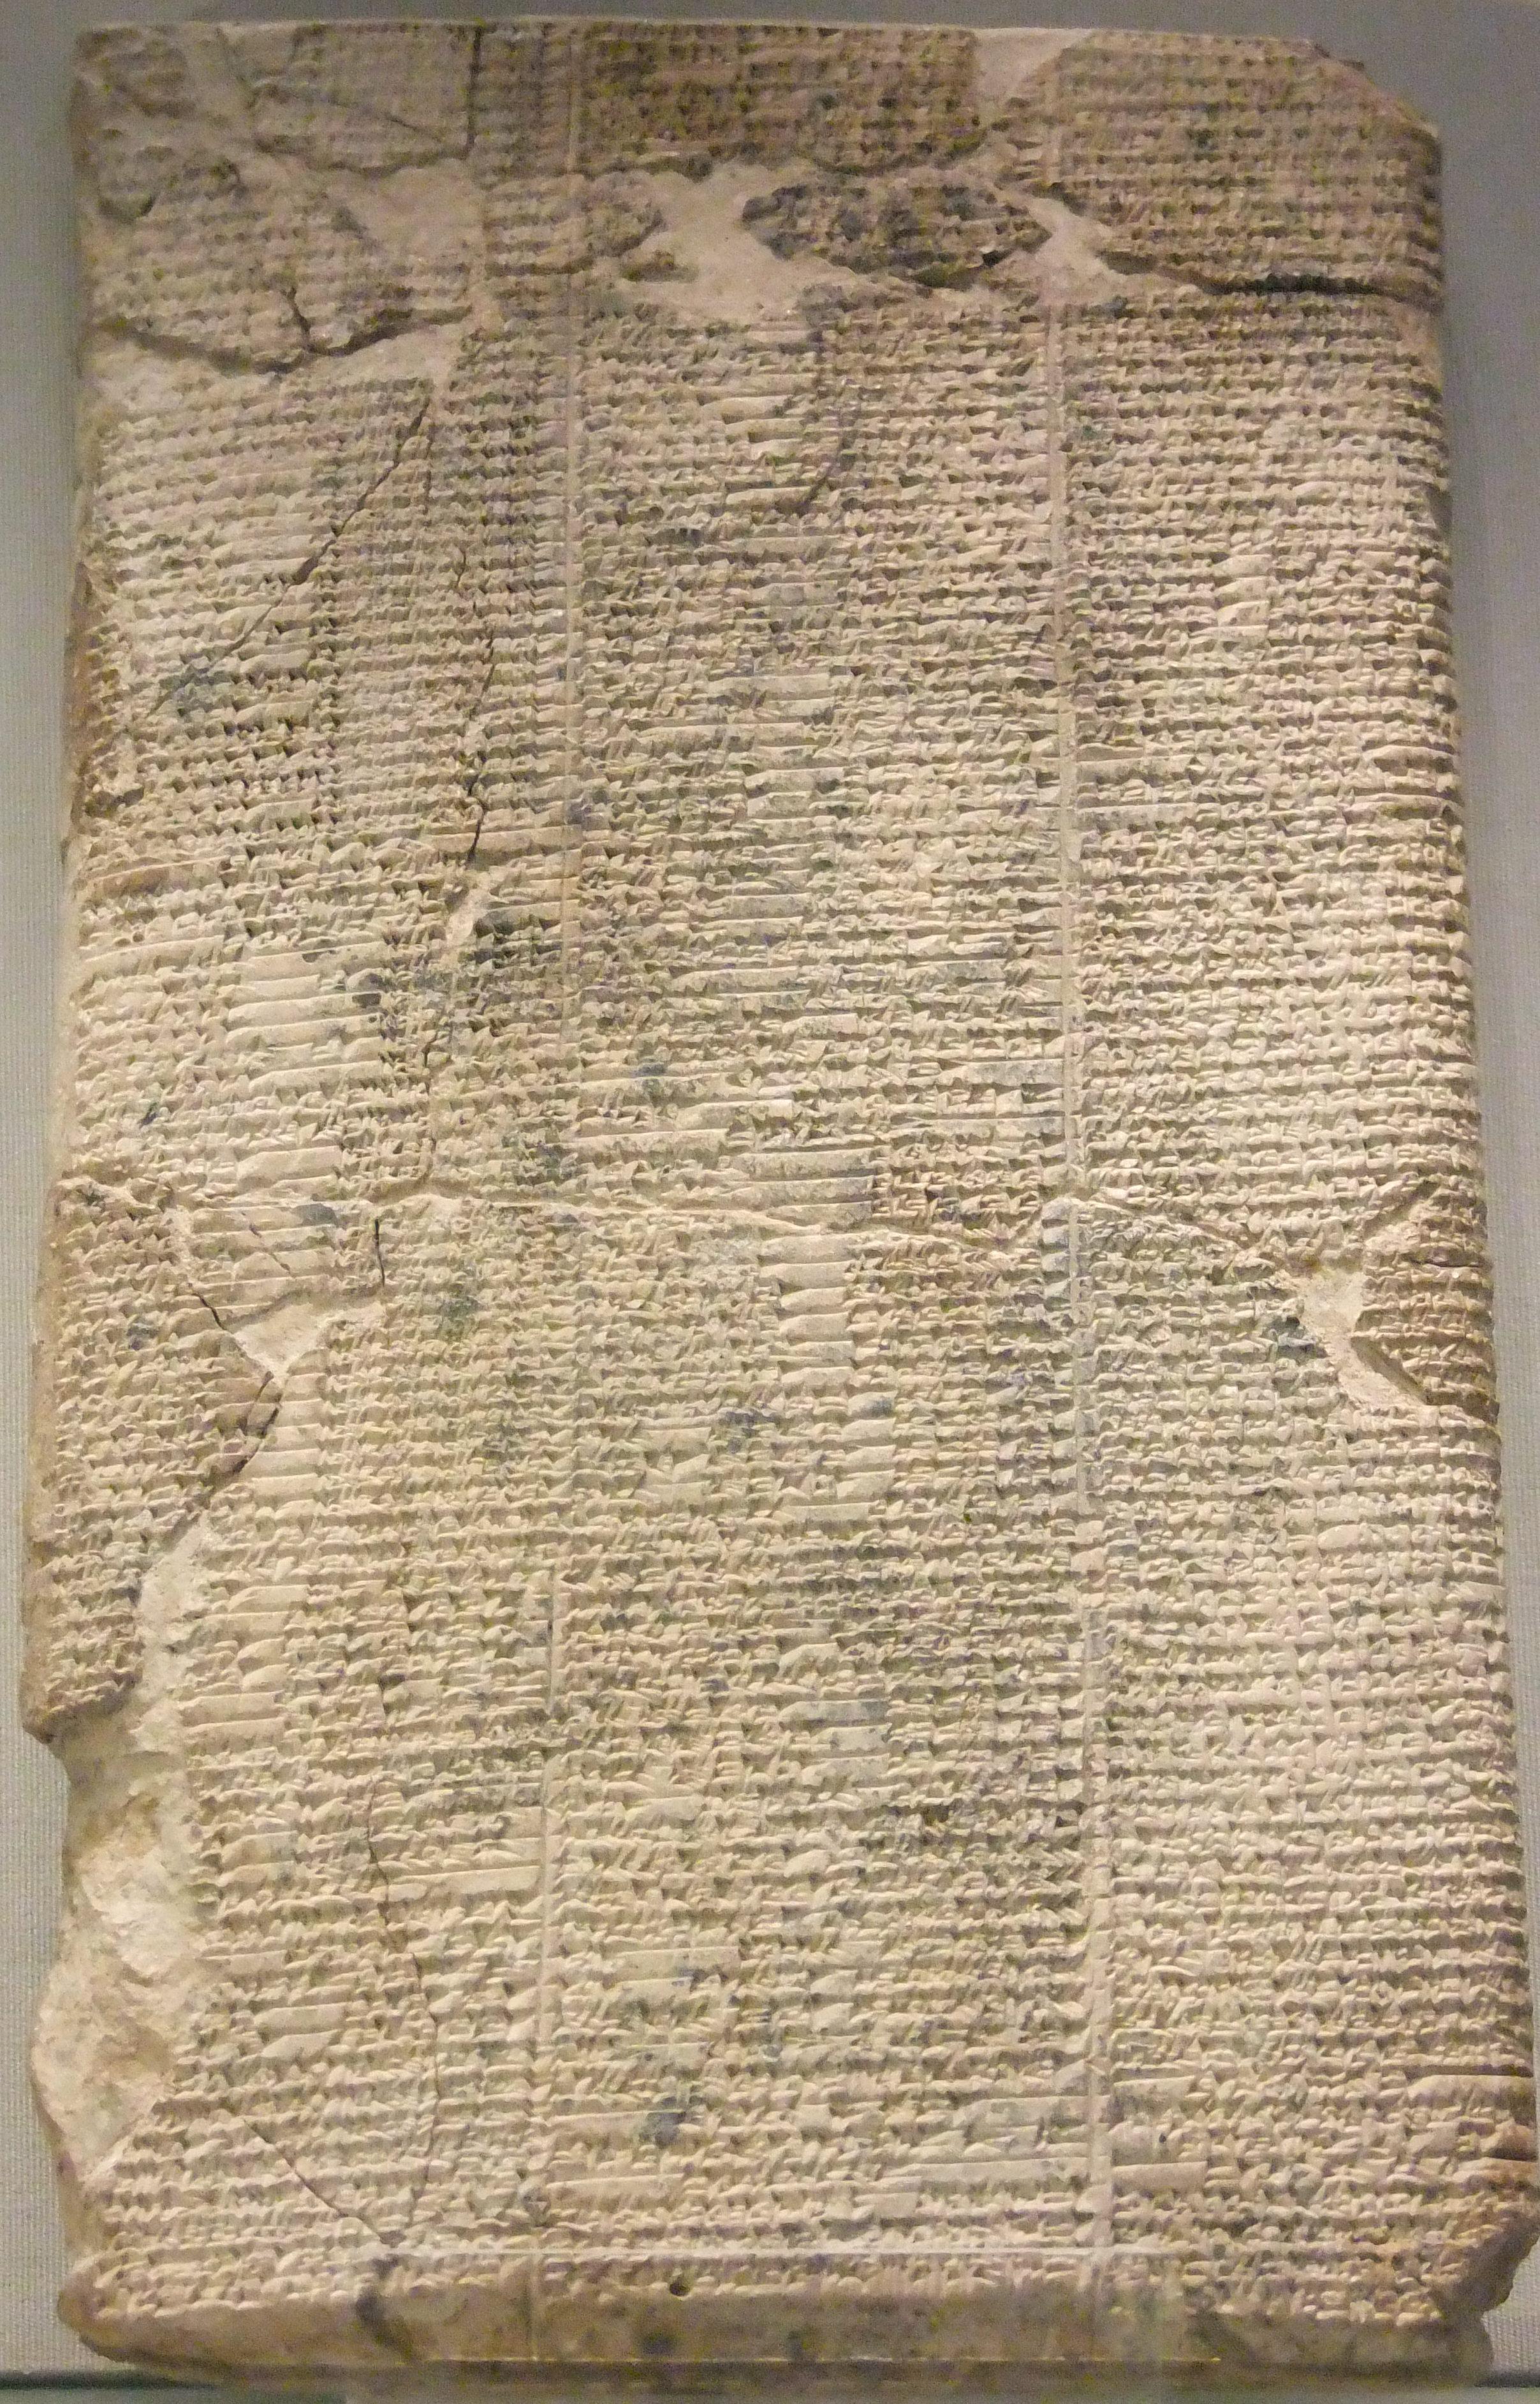 上图:吾珥的挽歌(Lament for Ur),现藏于卢浮宫博物馆。这是一首苏美尔挽歌,悼念主前2006年吾珥城陷落于以拦人之手、吾珥第三王朝灭亡。苏美尔人向恩利尔神(Enlil)呼喊:「我们陷在大灾难之中,要到几时呢?」,「仇敌眼光投射在我的所有之上,要到几时呢?」但是他们所敬拜的恩利尔并不是真神,所以永远也回答不了这个问题。